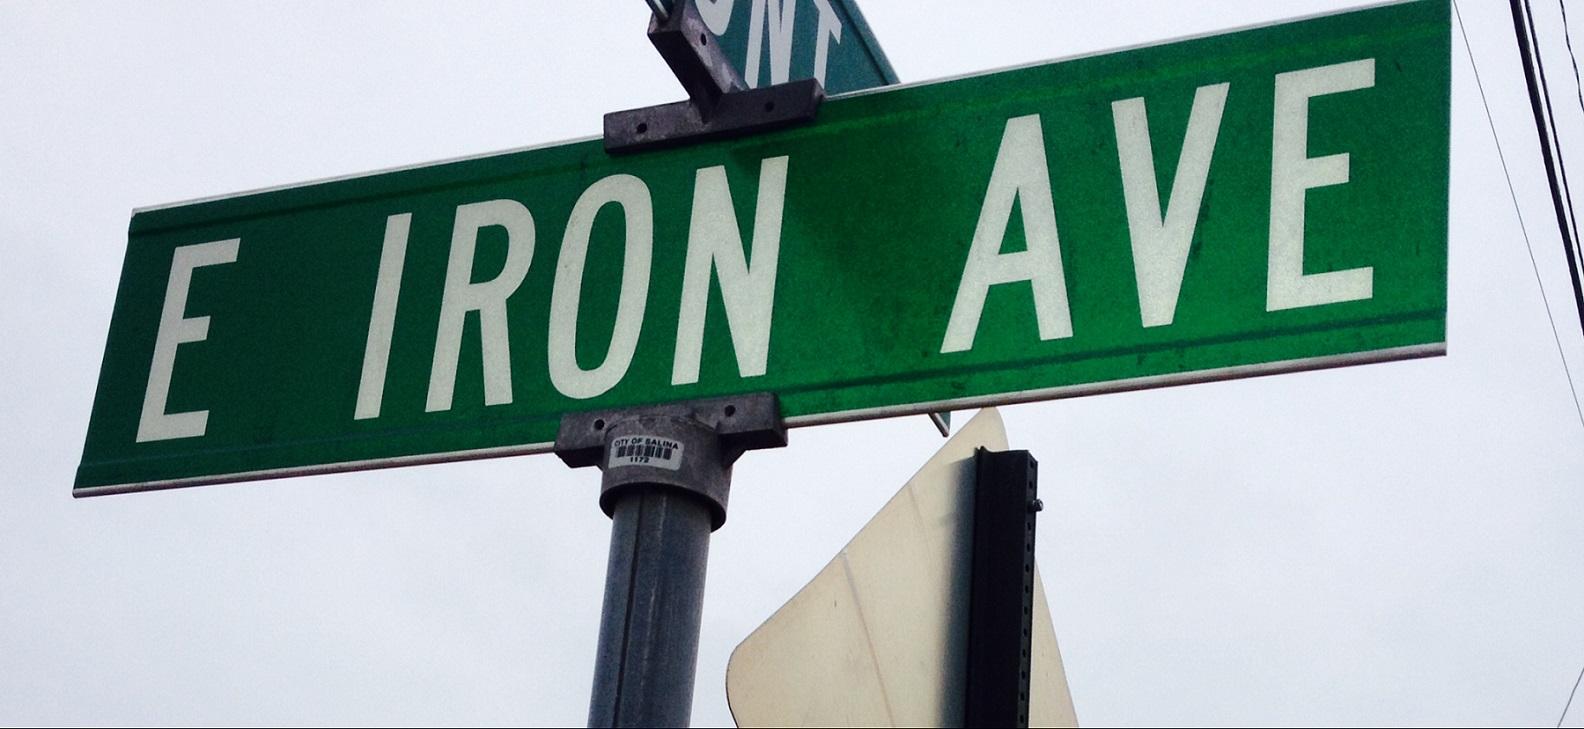 E. Iron Traffic Delays